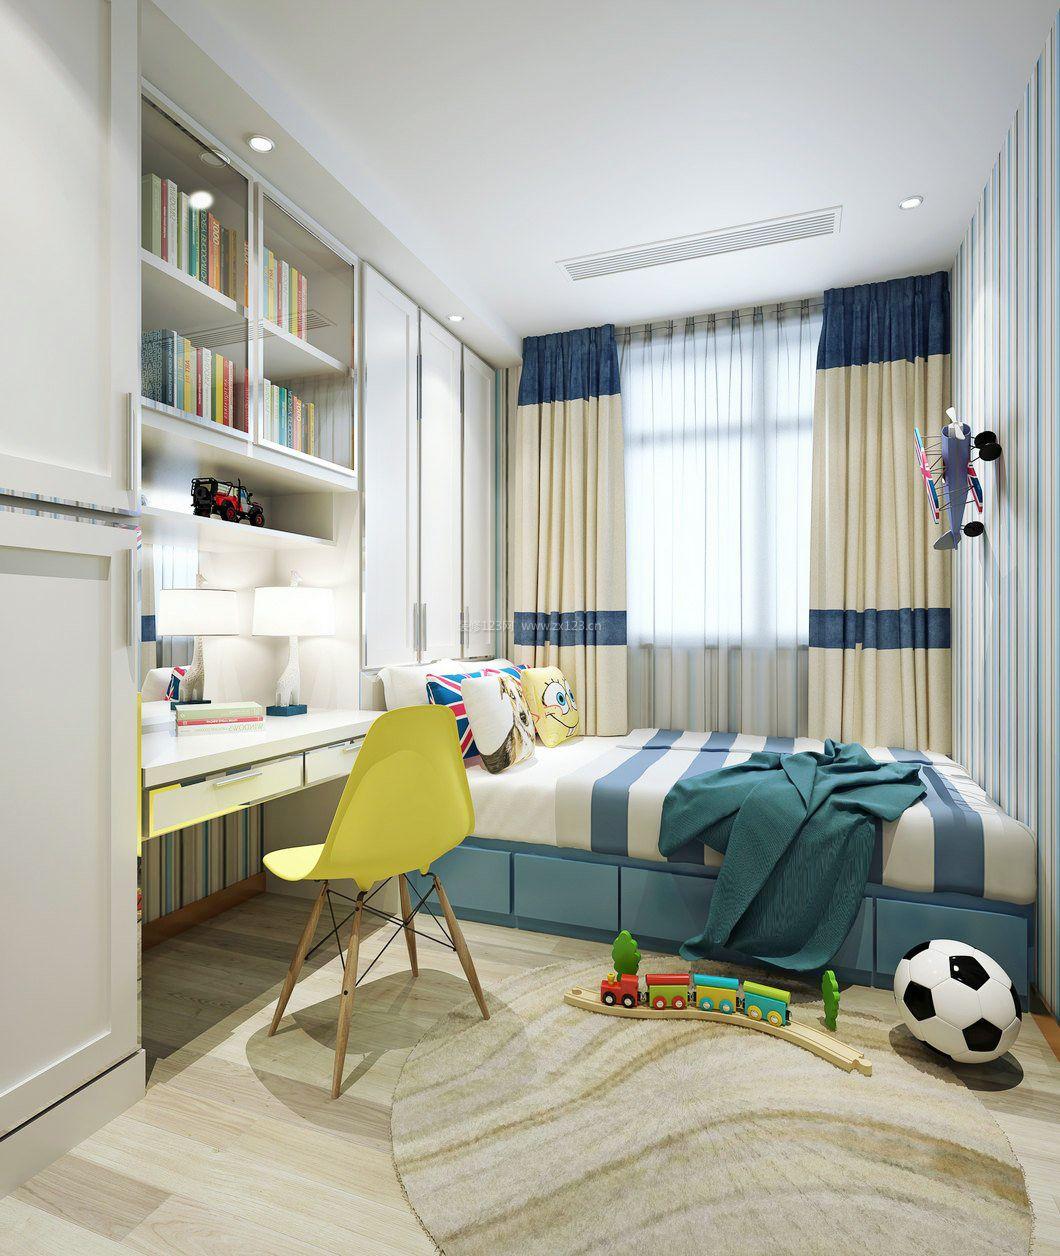 小卧室儿童房阳台榻榻米床装修效果图